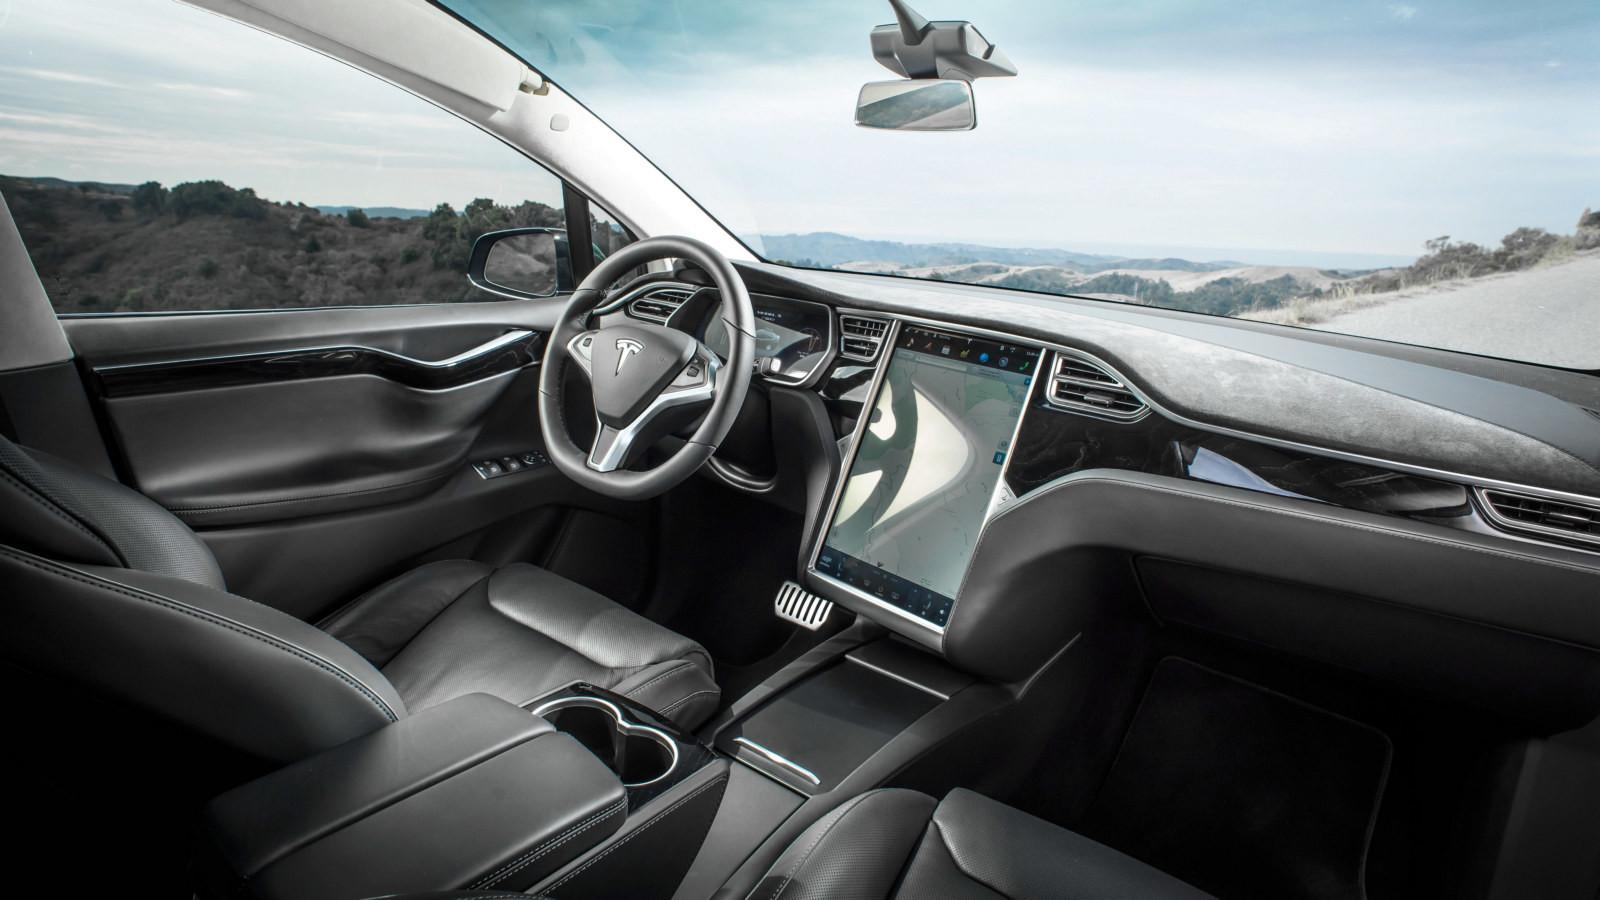 Вweb-сети интернет появились официальные рендеры электрогрузовика Tesla Semi